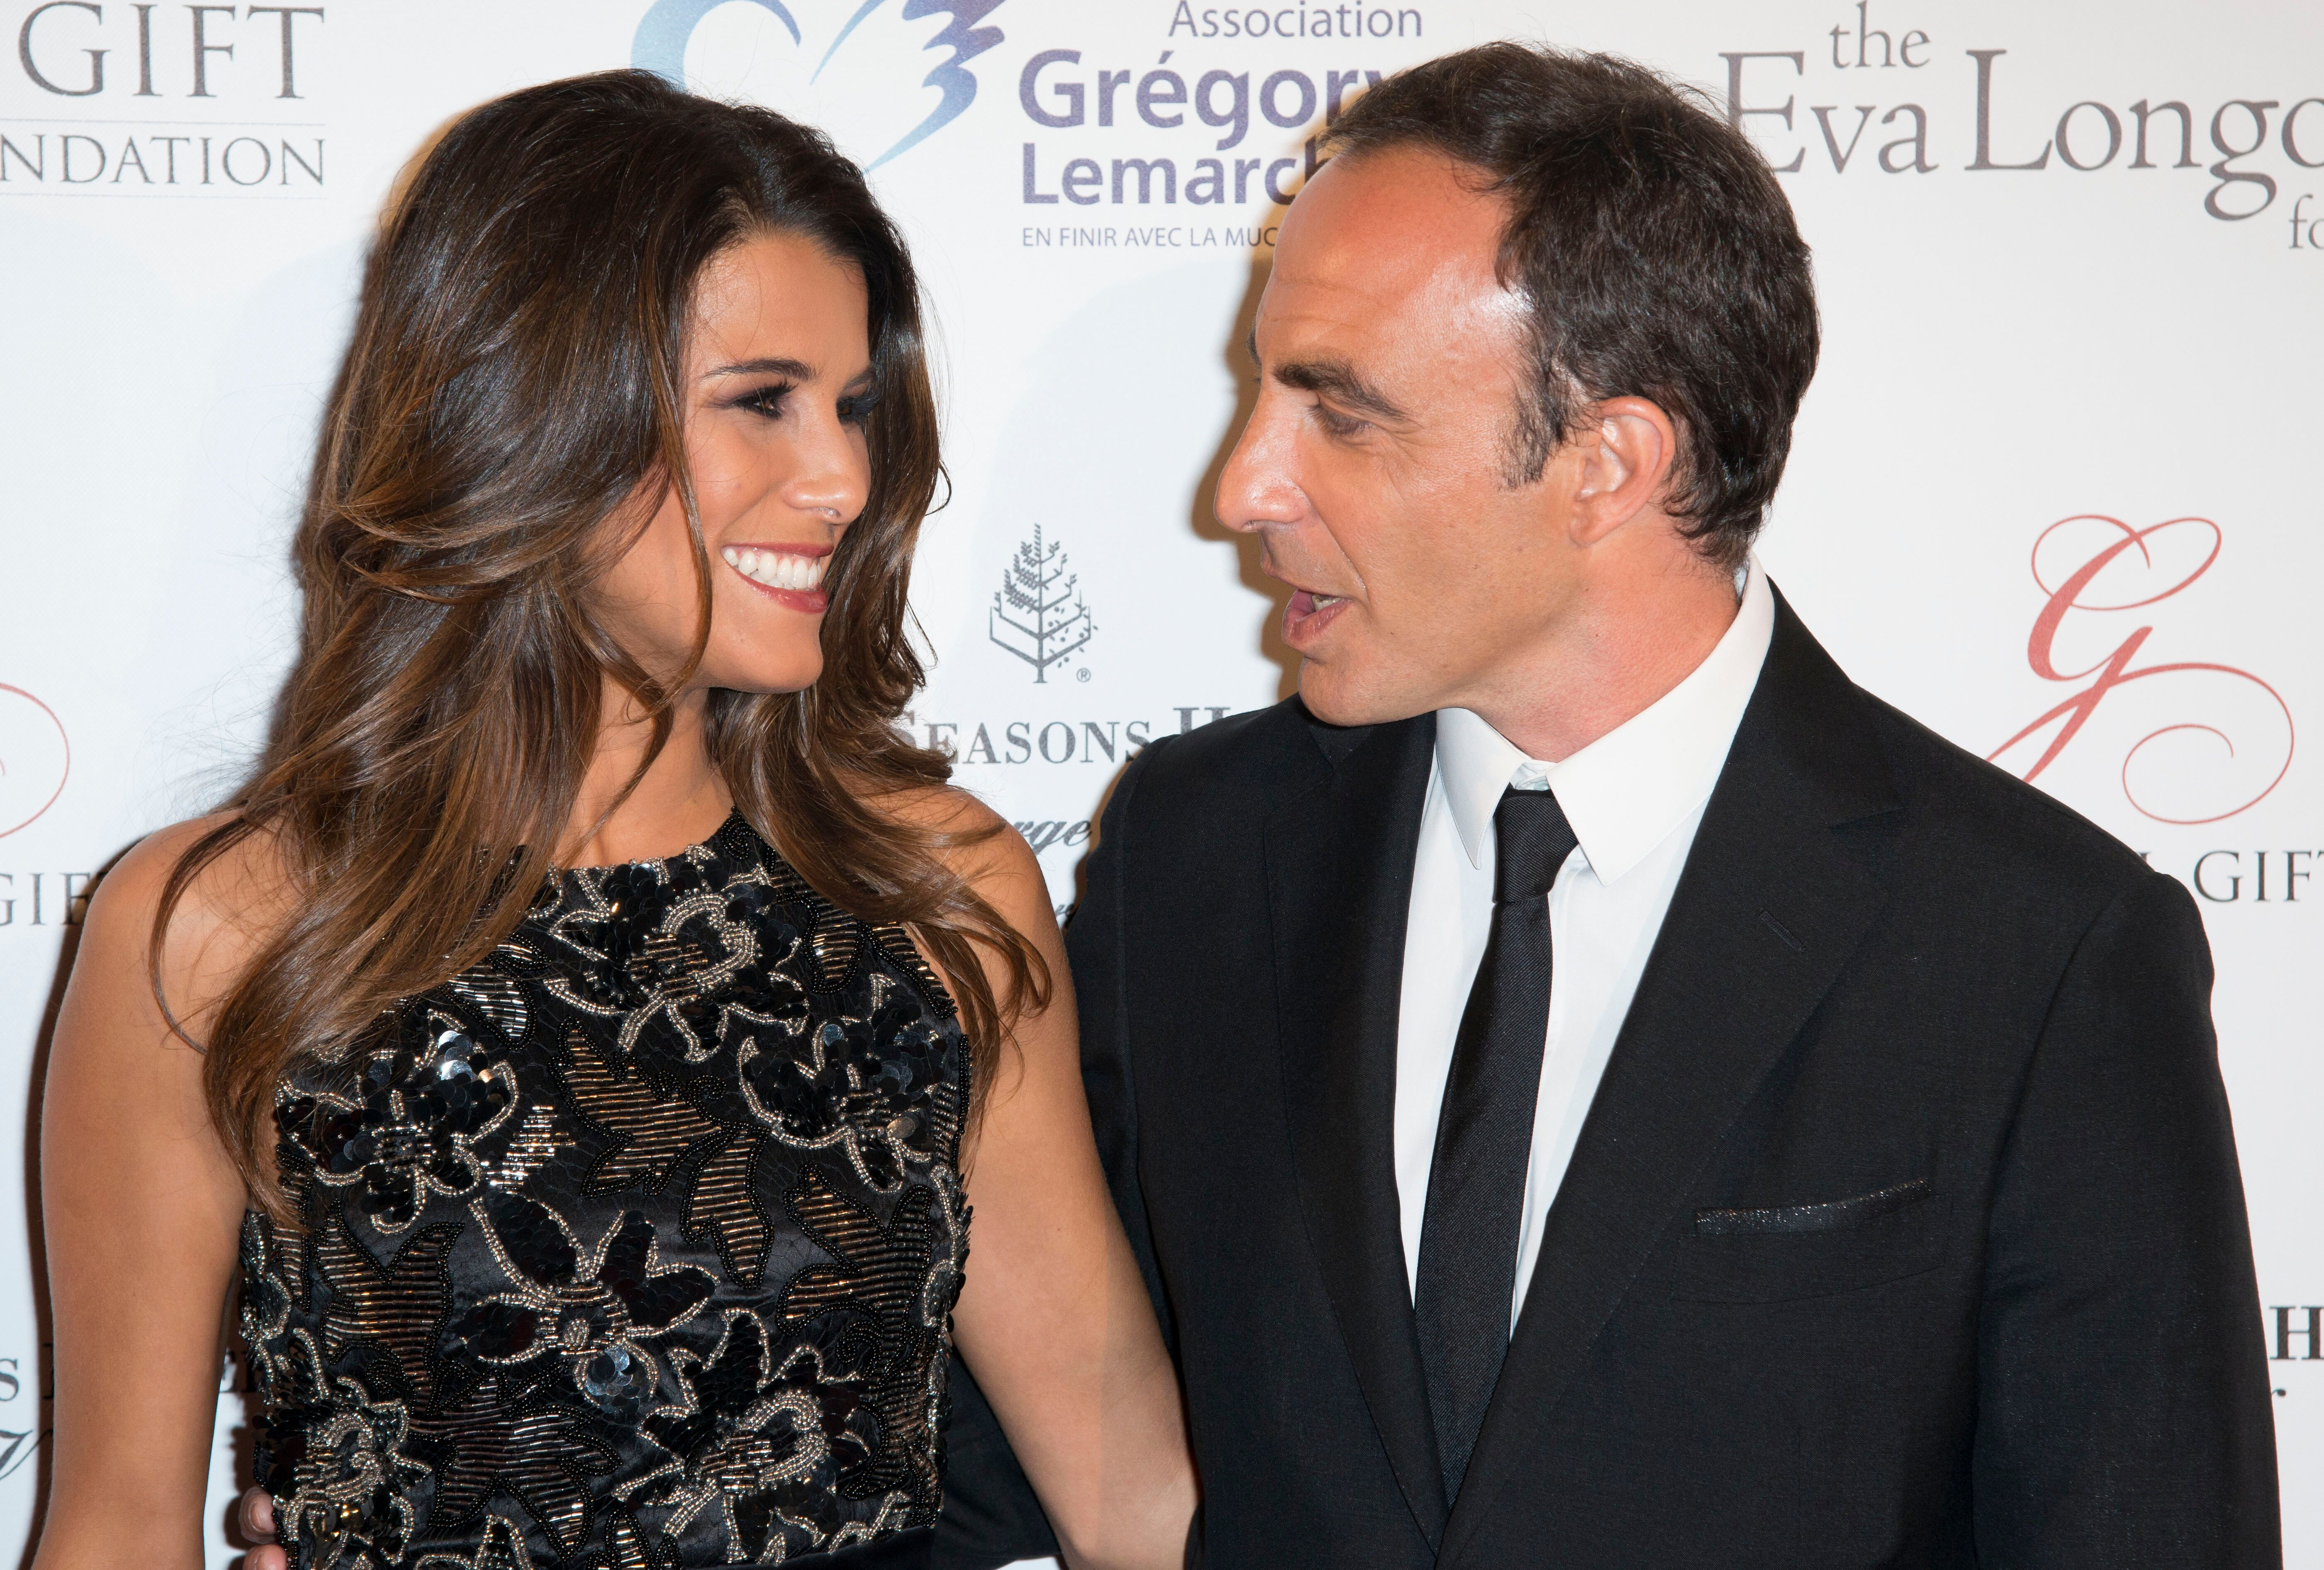 Karine Ferri Et Gregory Lemarchal La Surprenante Confession De